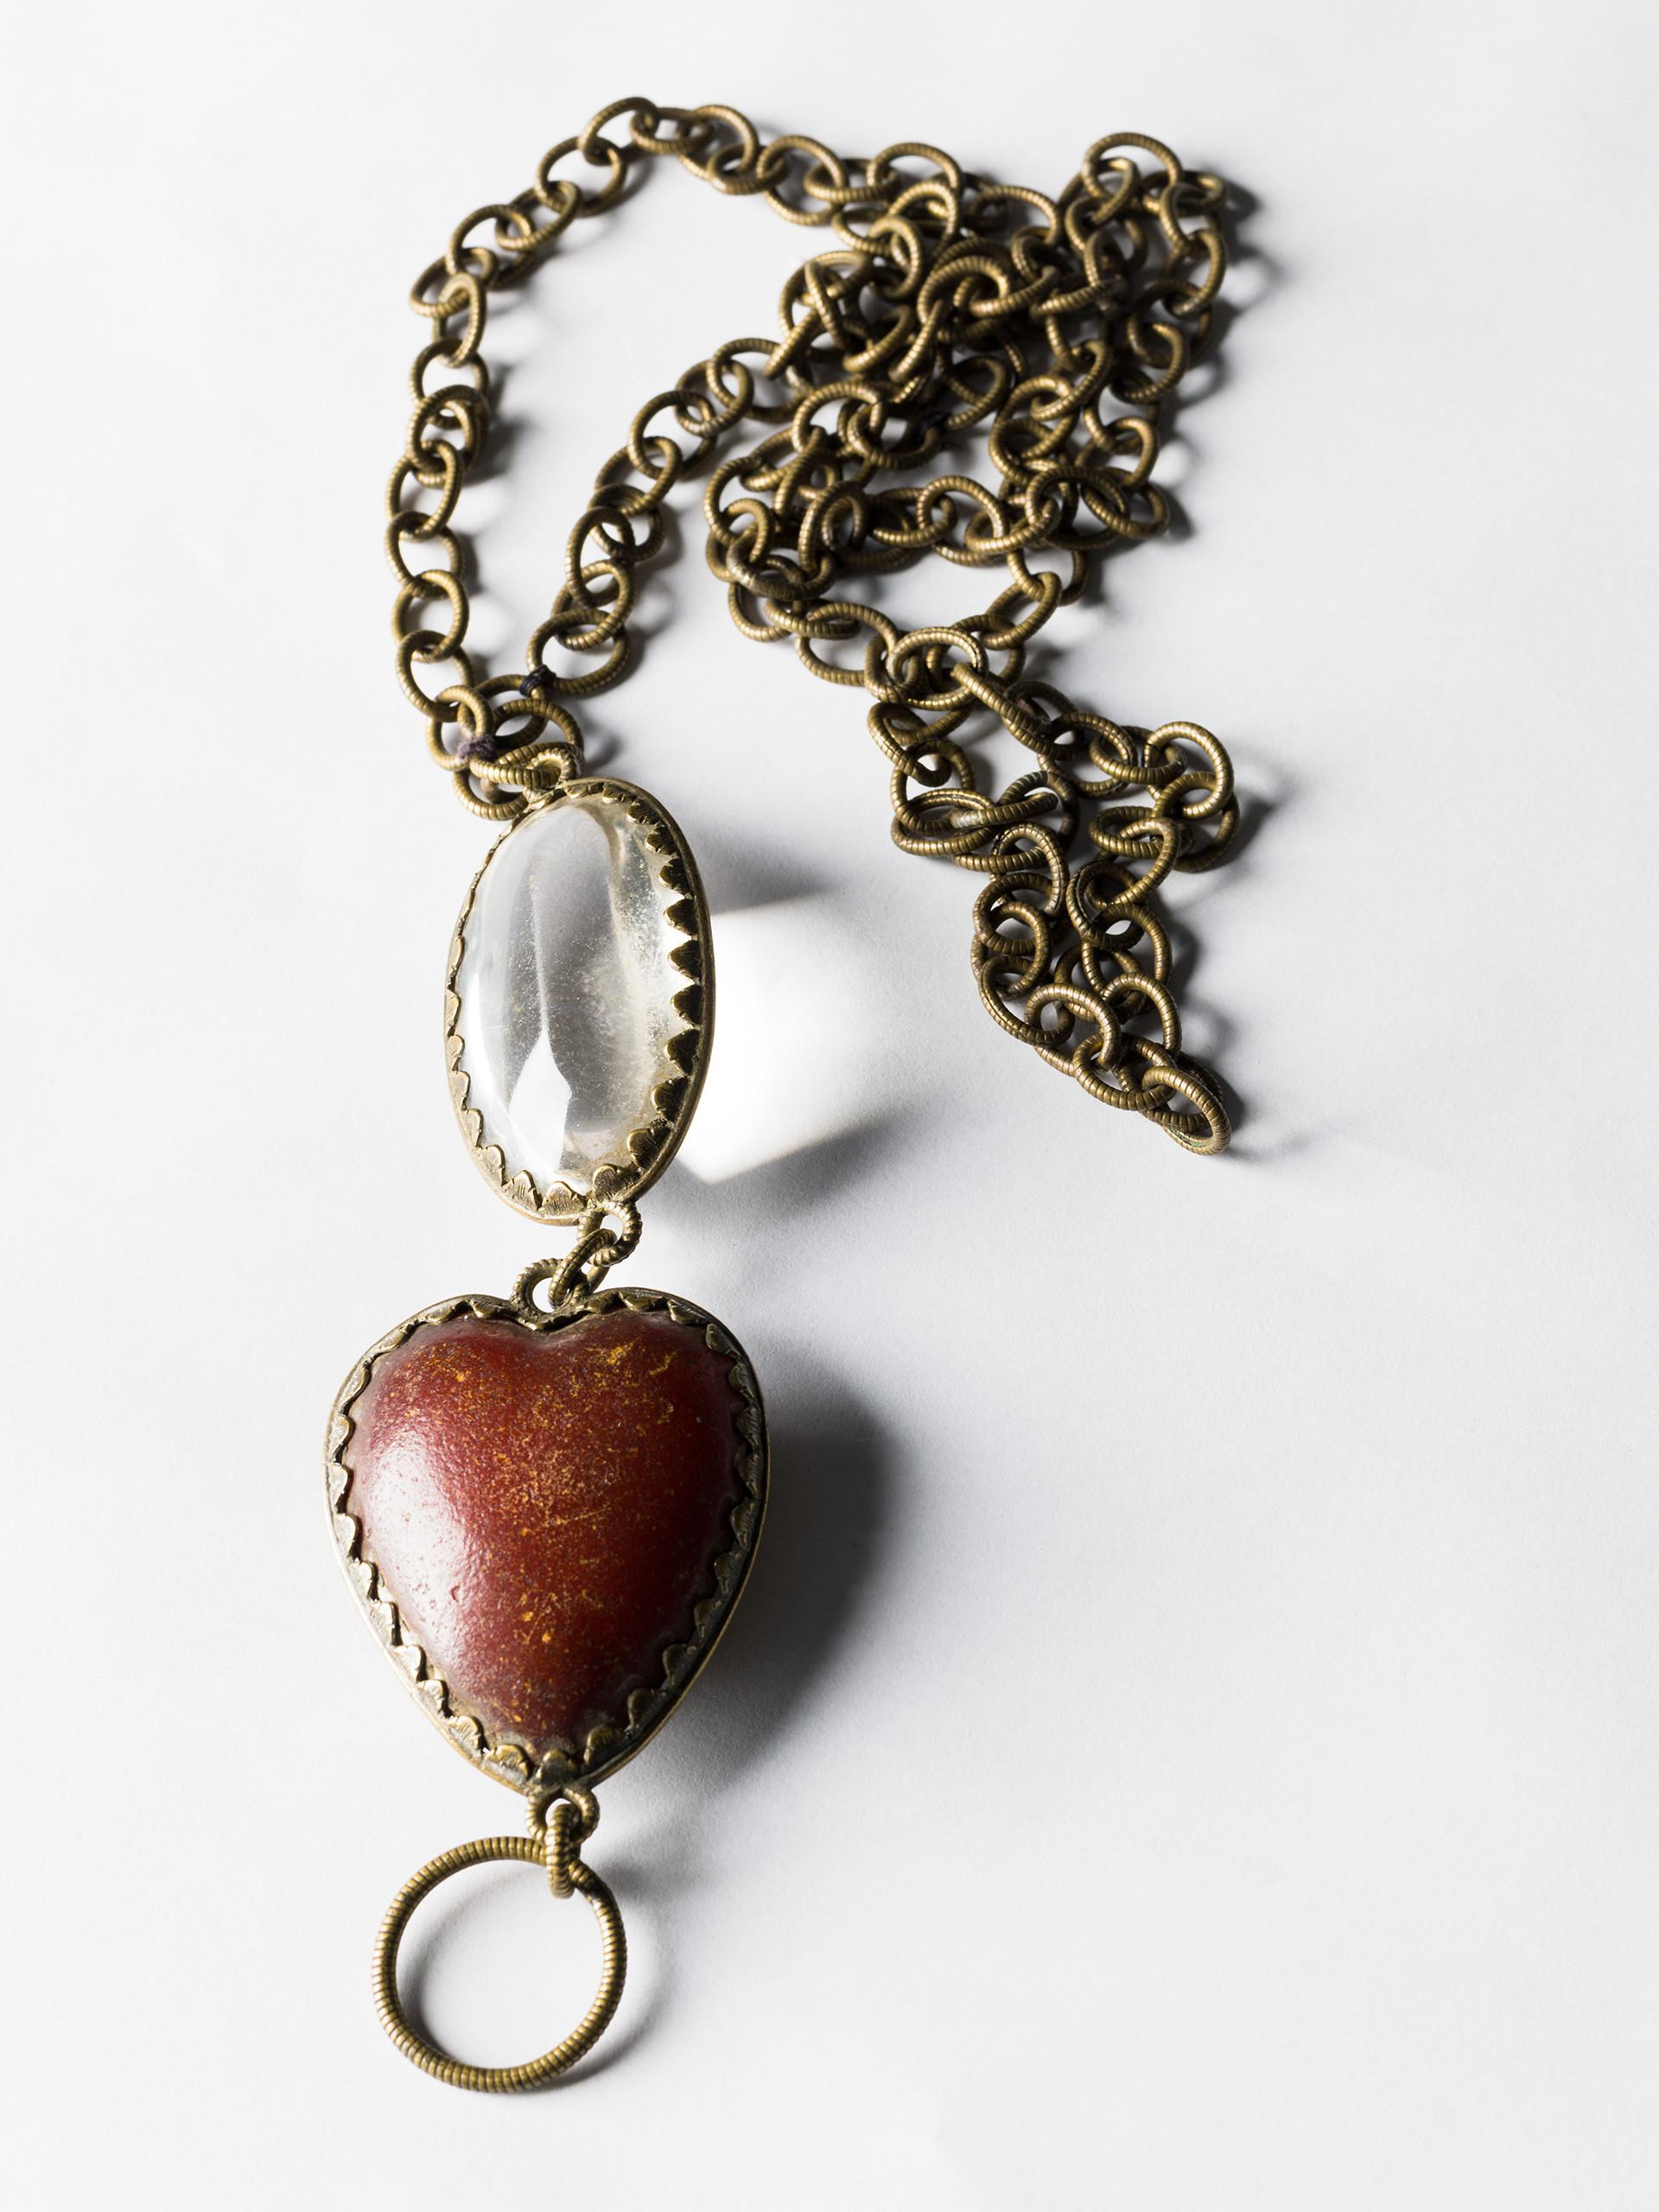 Smyckenas material, form och färg var förr viktiga för skydd och kraft. Bärnstenssmycken har varit en vanlig faddergåva till nyfödda, också som skydd mot oknytt eller troll. Bergkristall ansågs helande. Hjärtformade smycken var ofta fästmansgåvor.  Kedjan av brons, med hängen av bergkristall och oxhud är tillverkad omkring 1650-1750. Det är ett jordfynd från Långlöts prästgård, Öland. Foto: Mats Landin/ Nordiska museet.